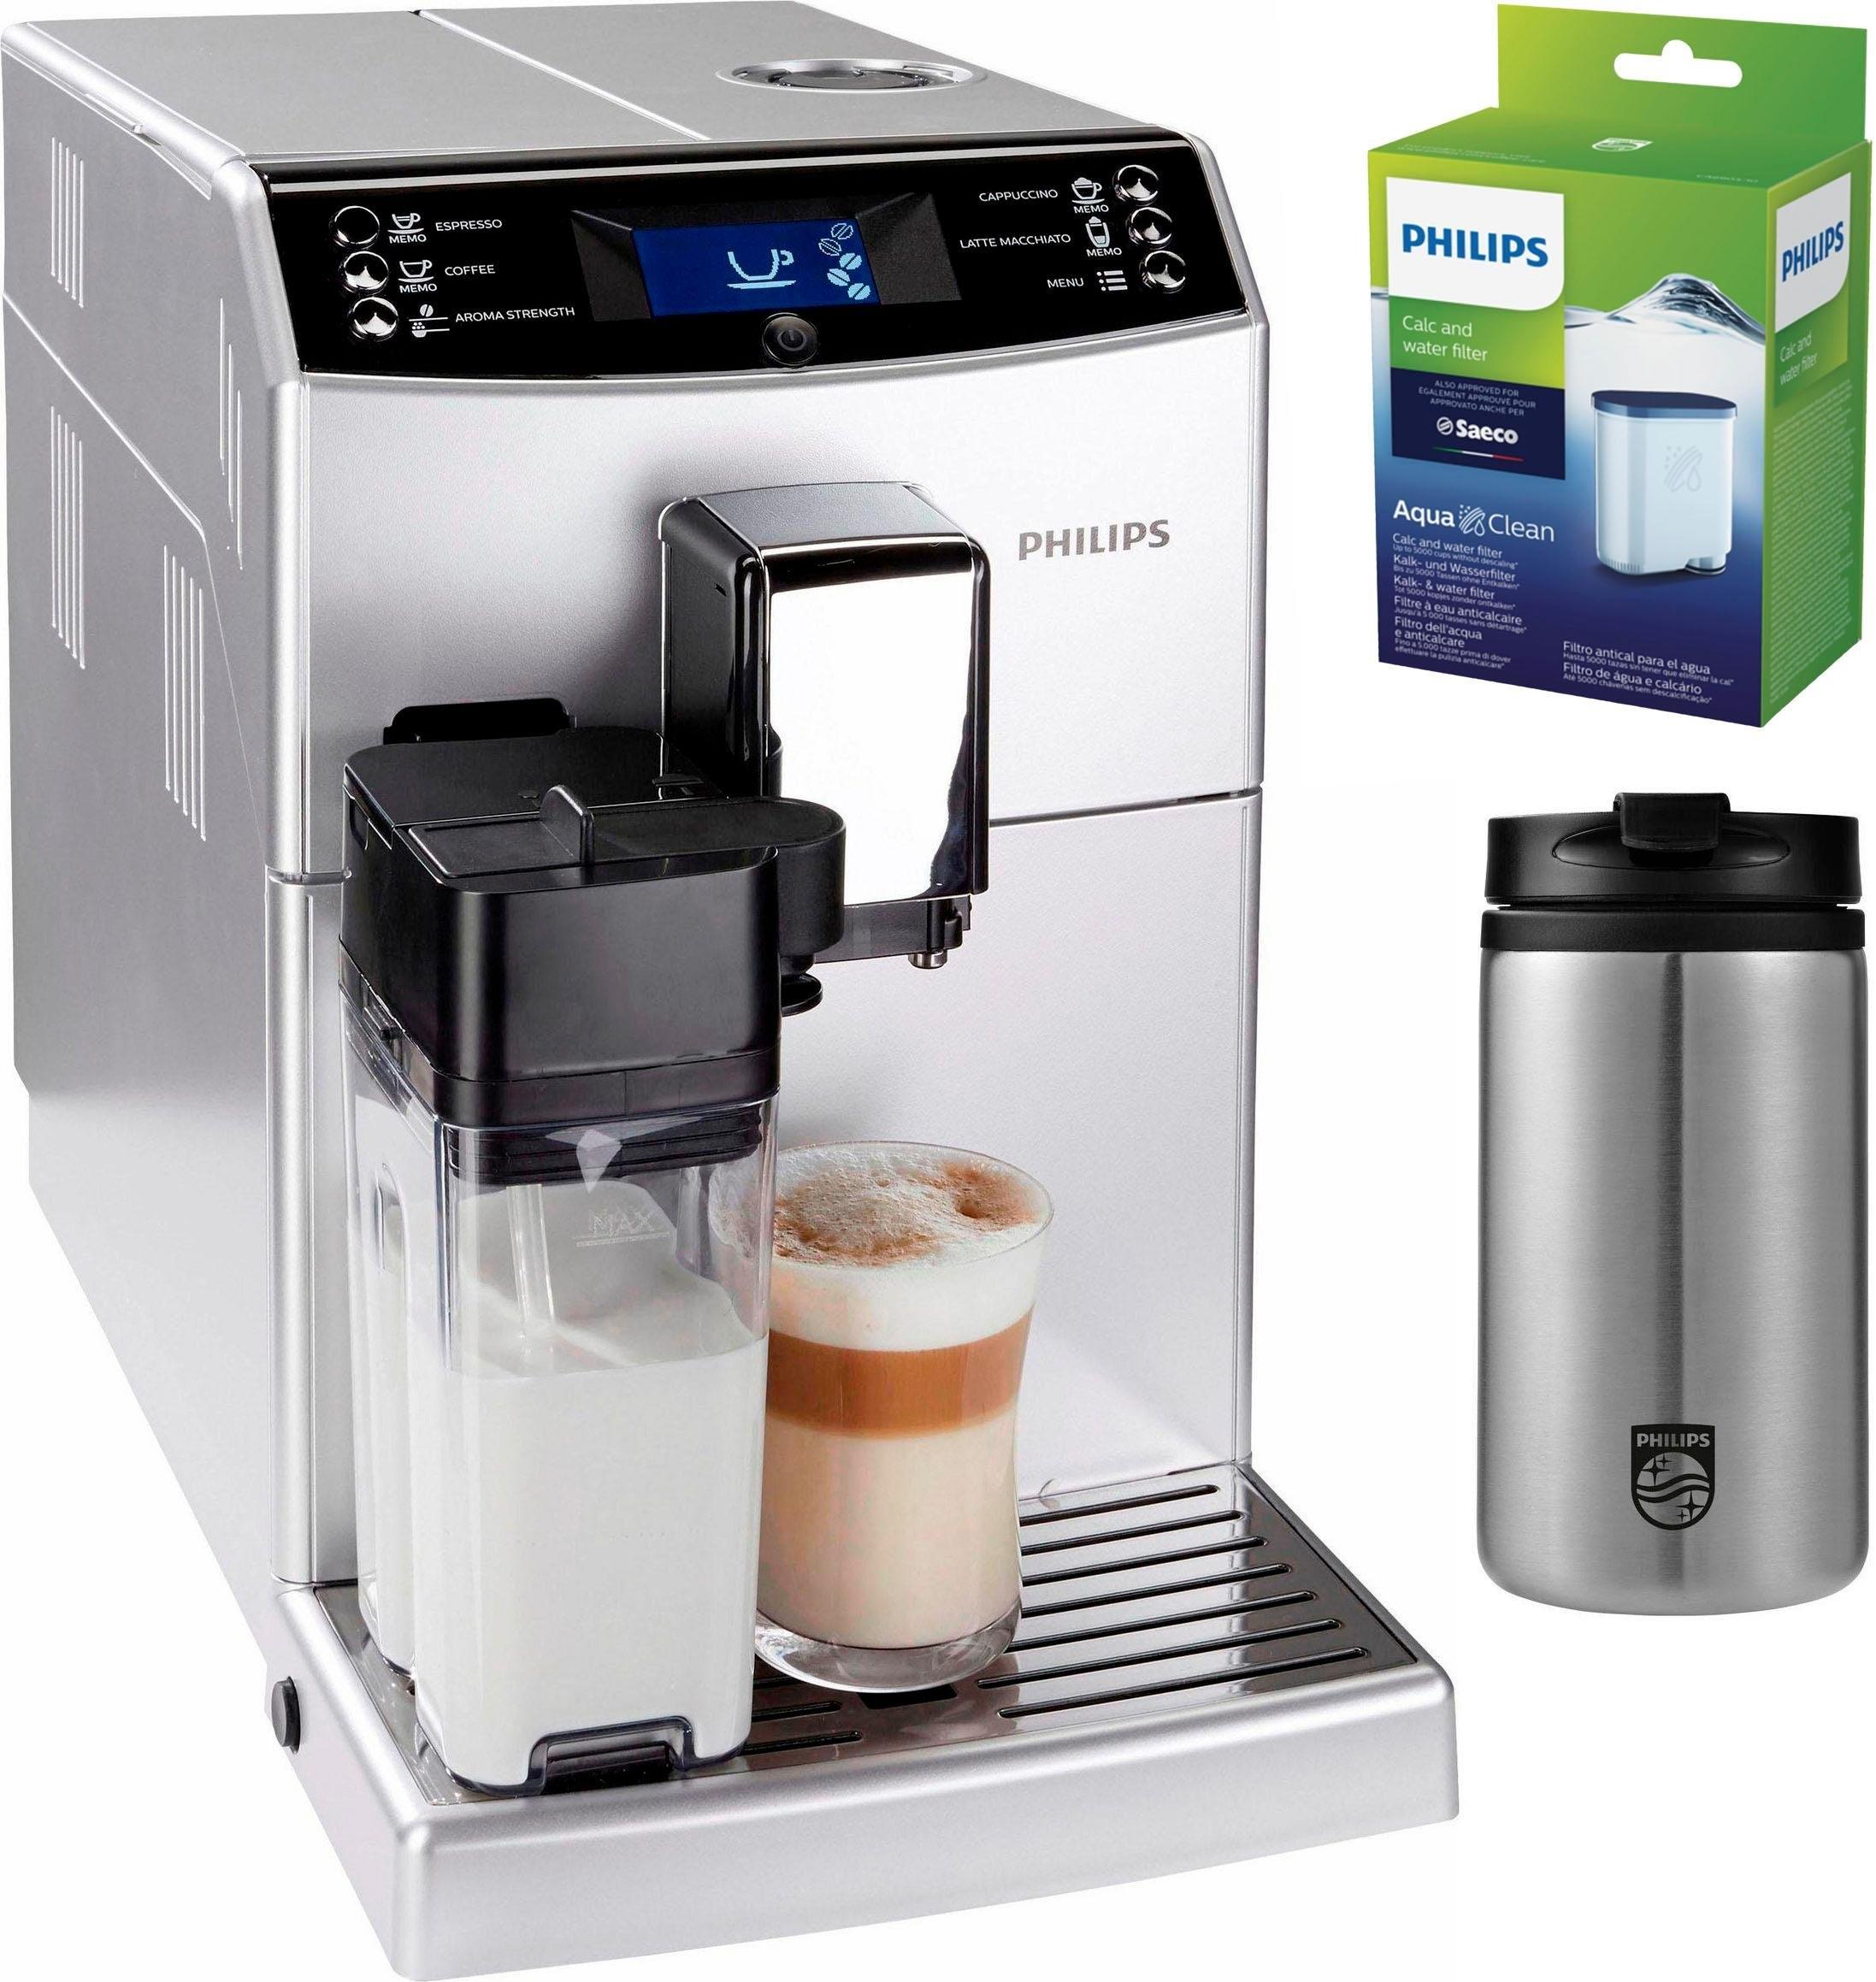 Philips volautomatisch koffiezetapparaat 3100 serie EP3551/11, schijfmaalwerk in de webshop van OTTO kopen